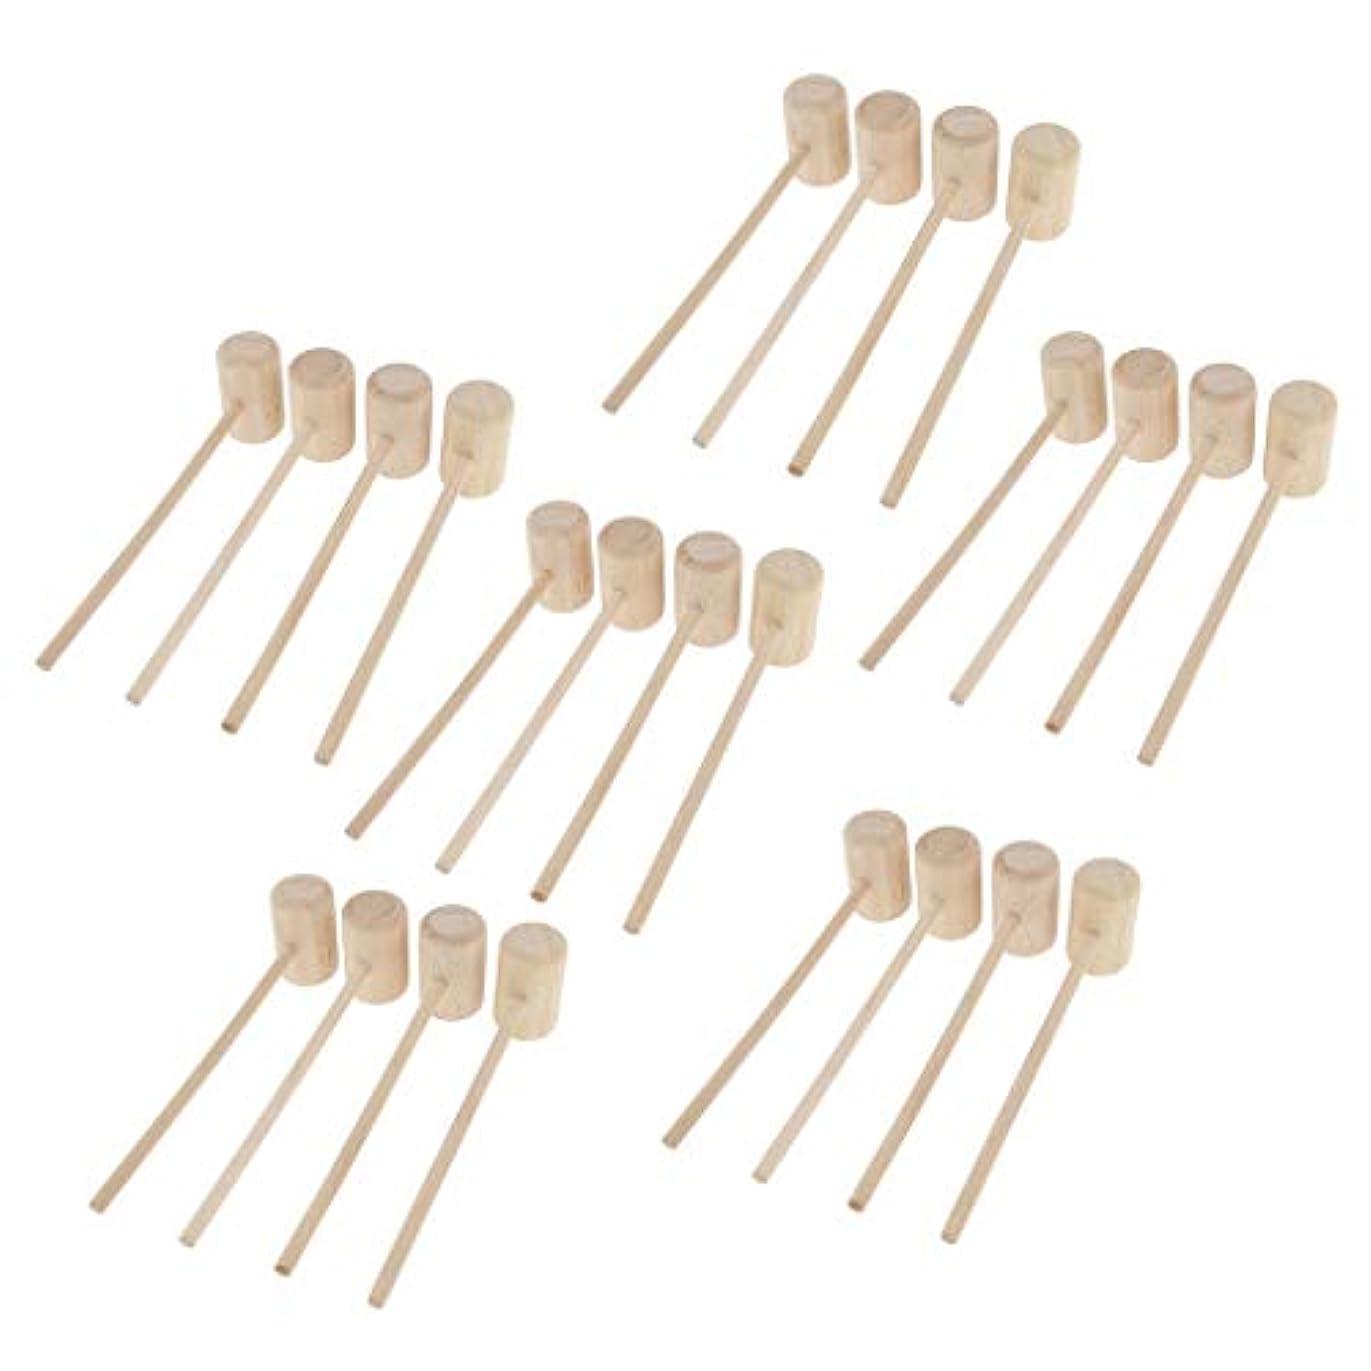 確かにパンガチョウCUTICATE 24個 マッサージハンマー 木製ハンマー ボディマッサージ ツボ押しハンマー 手作り 軽量 ギフト